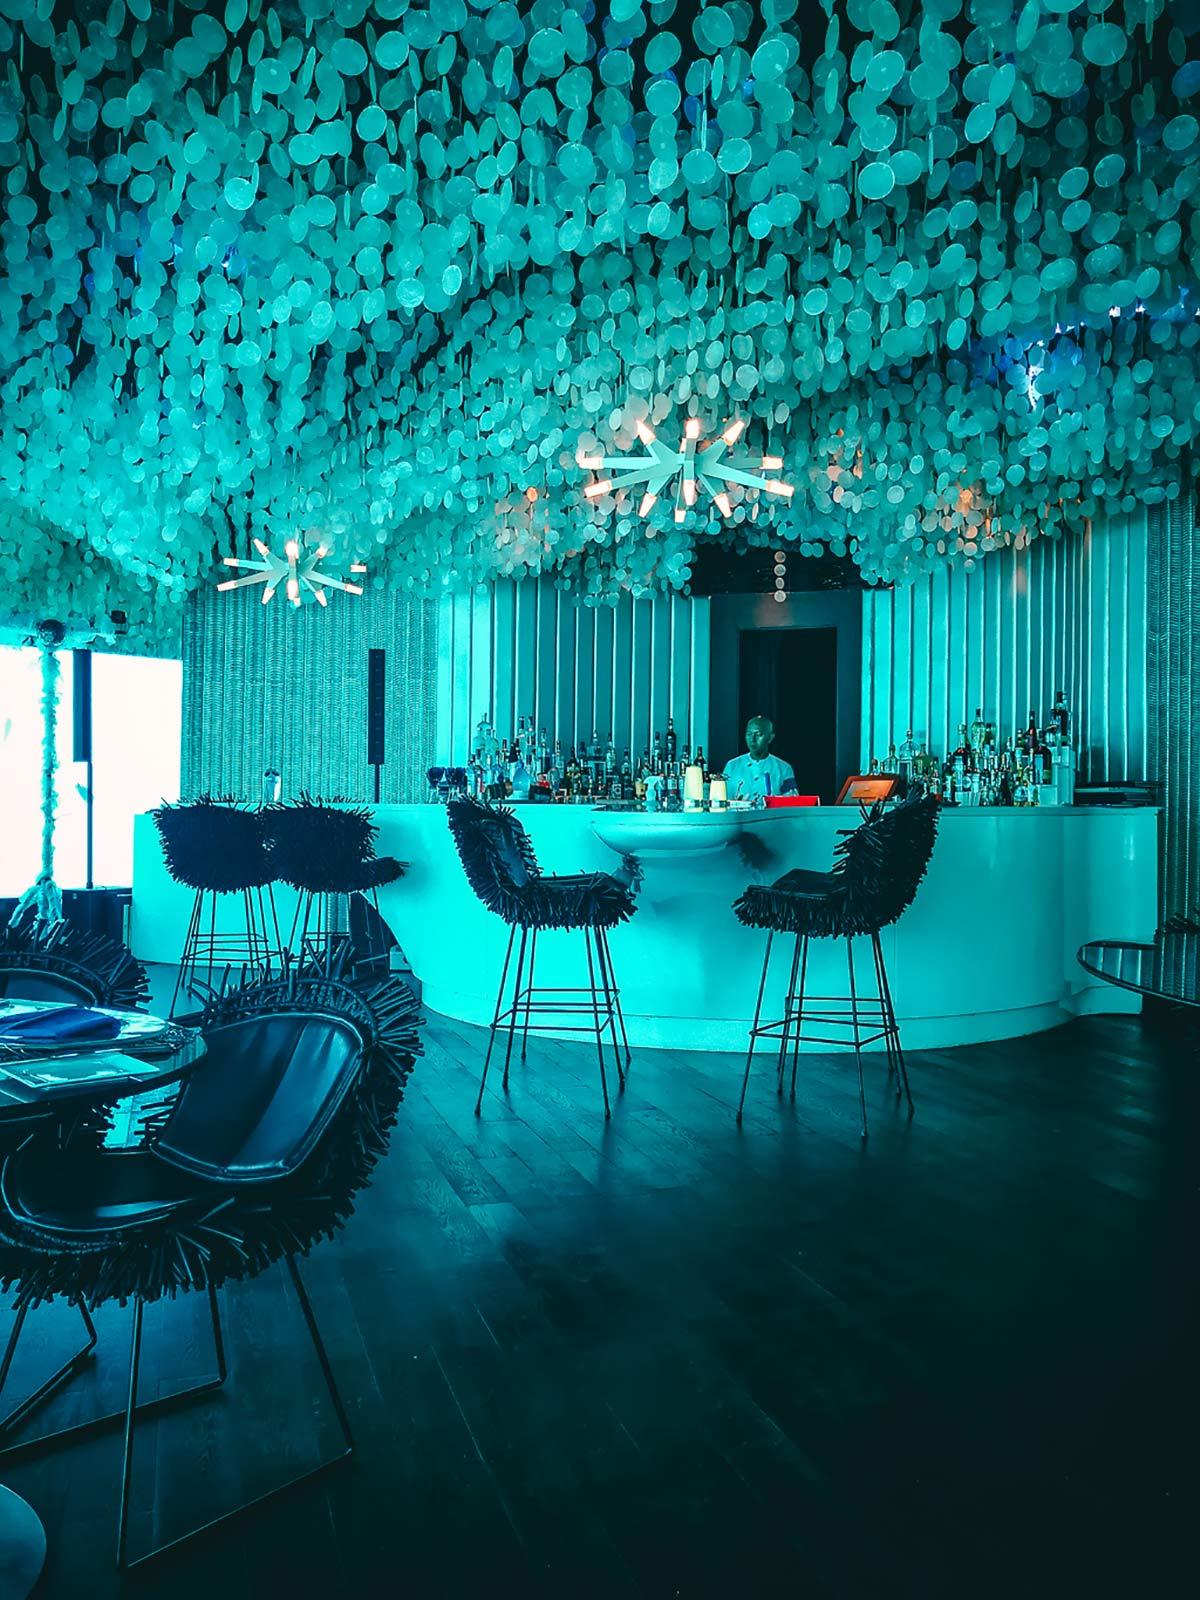 Restaurant unter Wasser Malediven